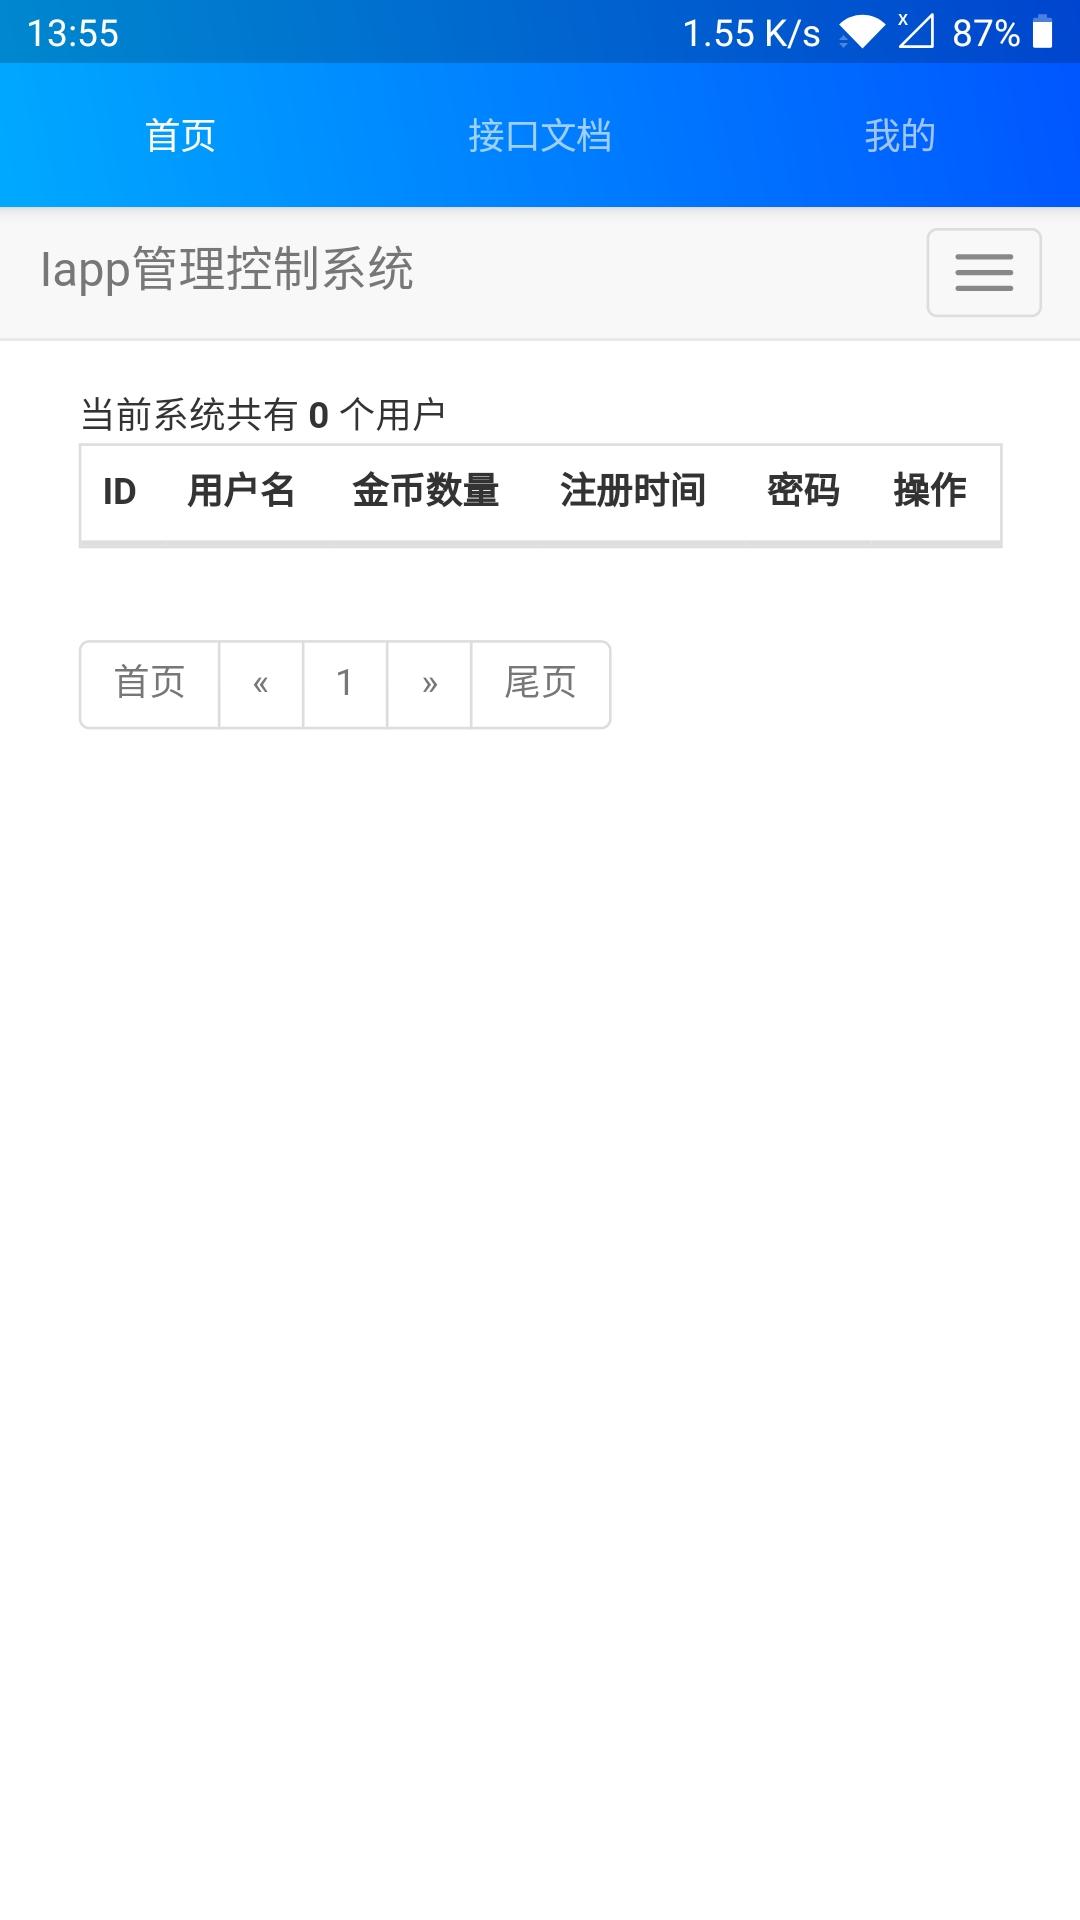 【原创分享】IAPP接口